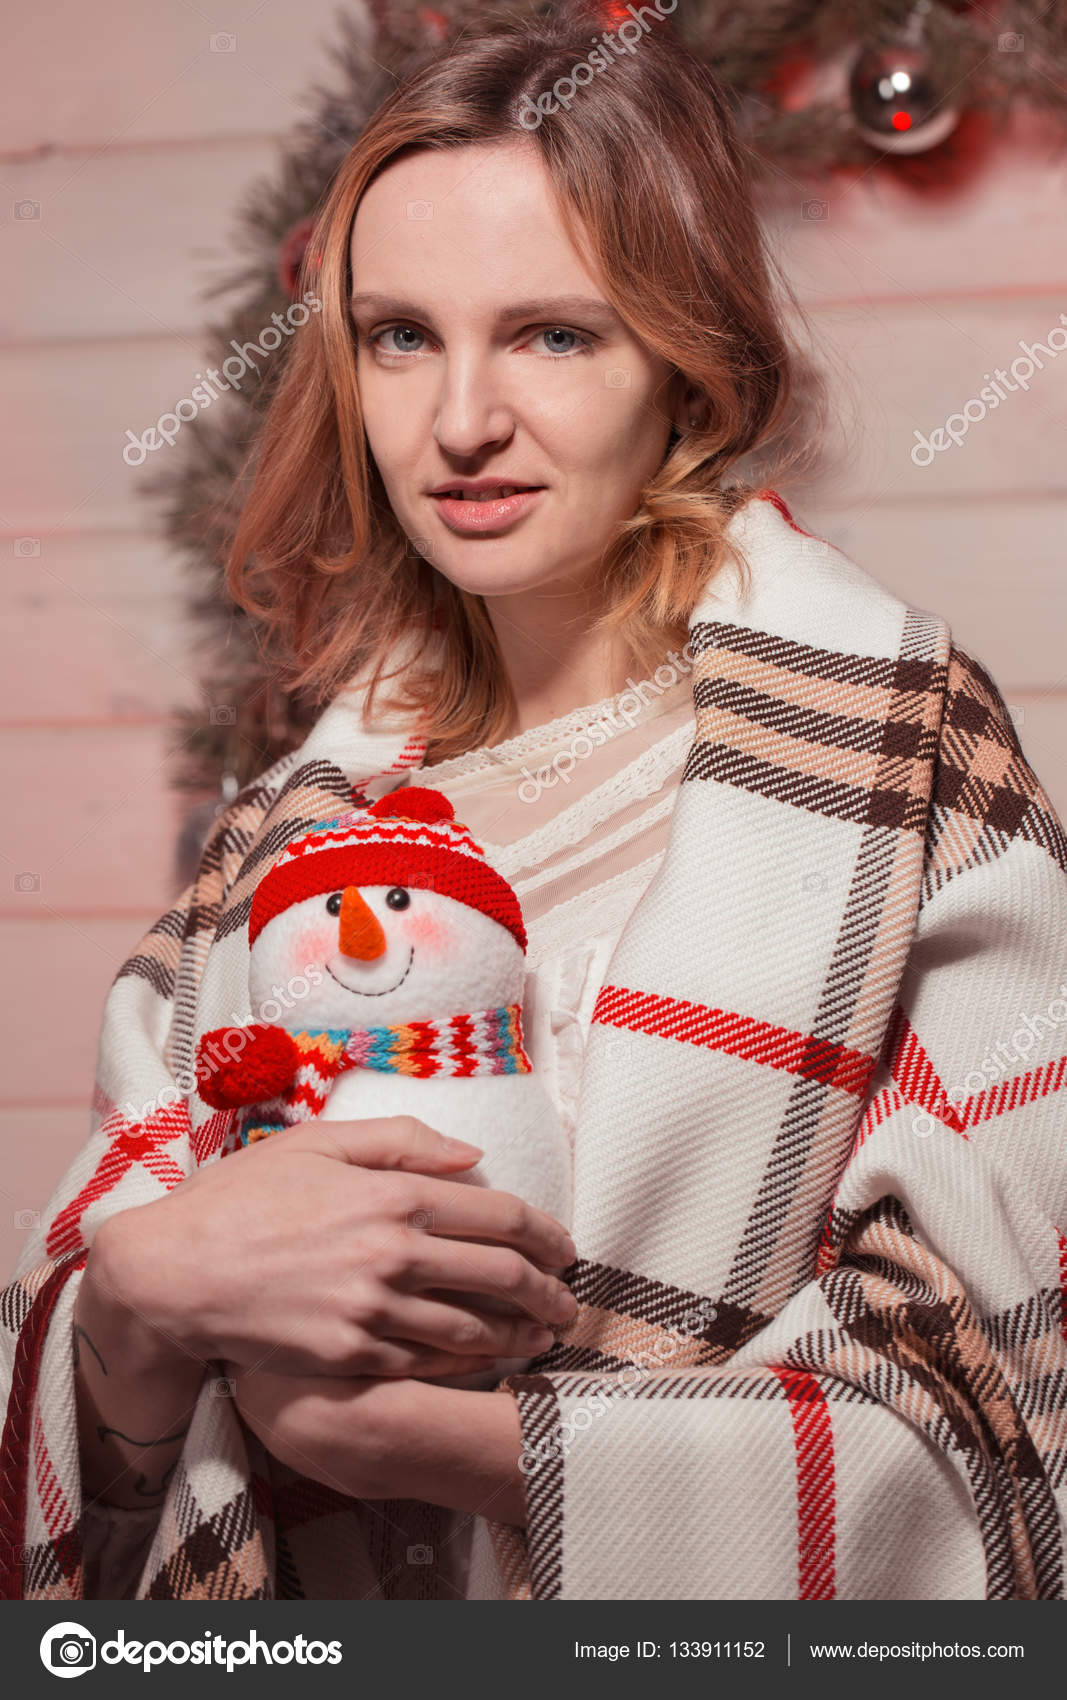 neue jahr junges mdchen mit urlaubsstimmung in weihnachten interieur mit baum und lustige dekorative spielwaren